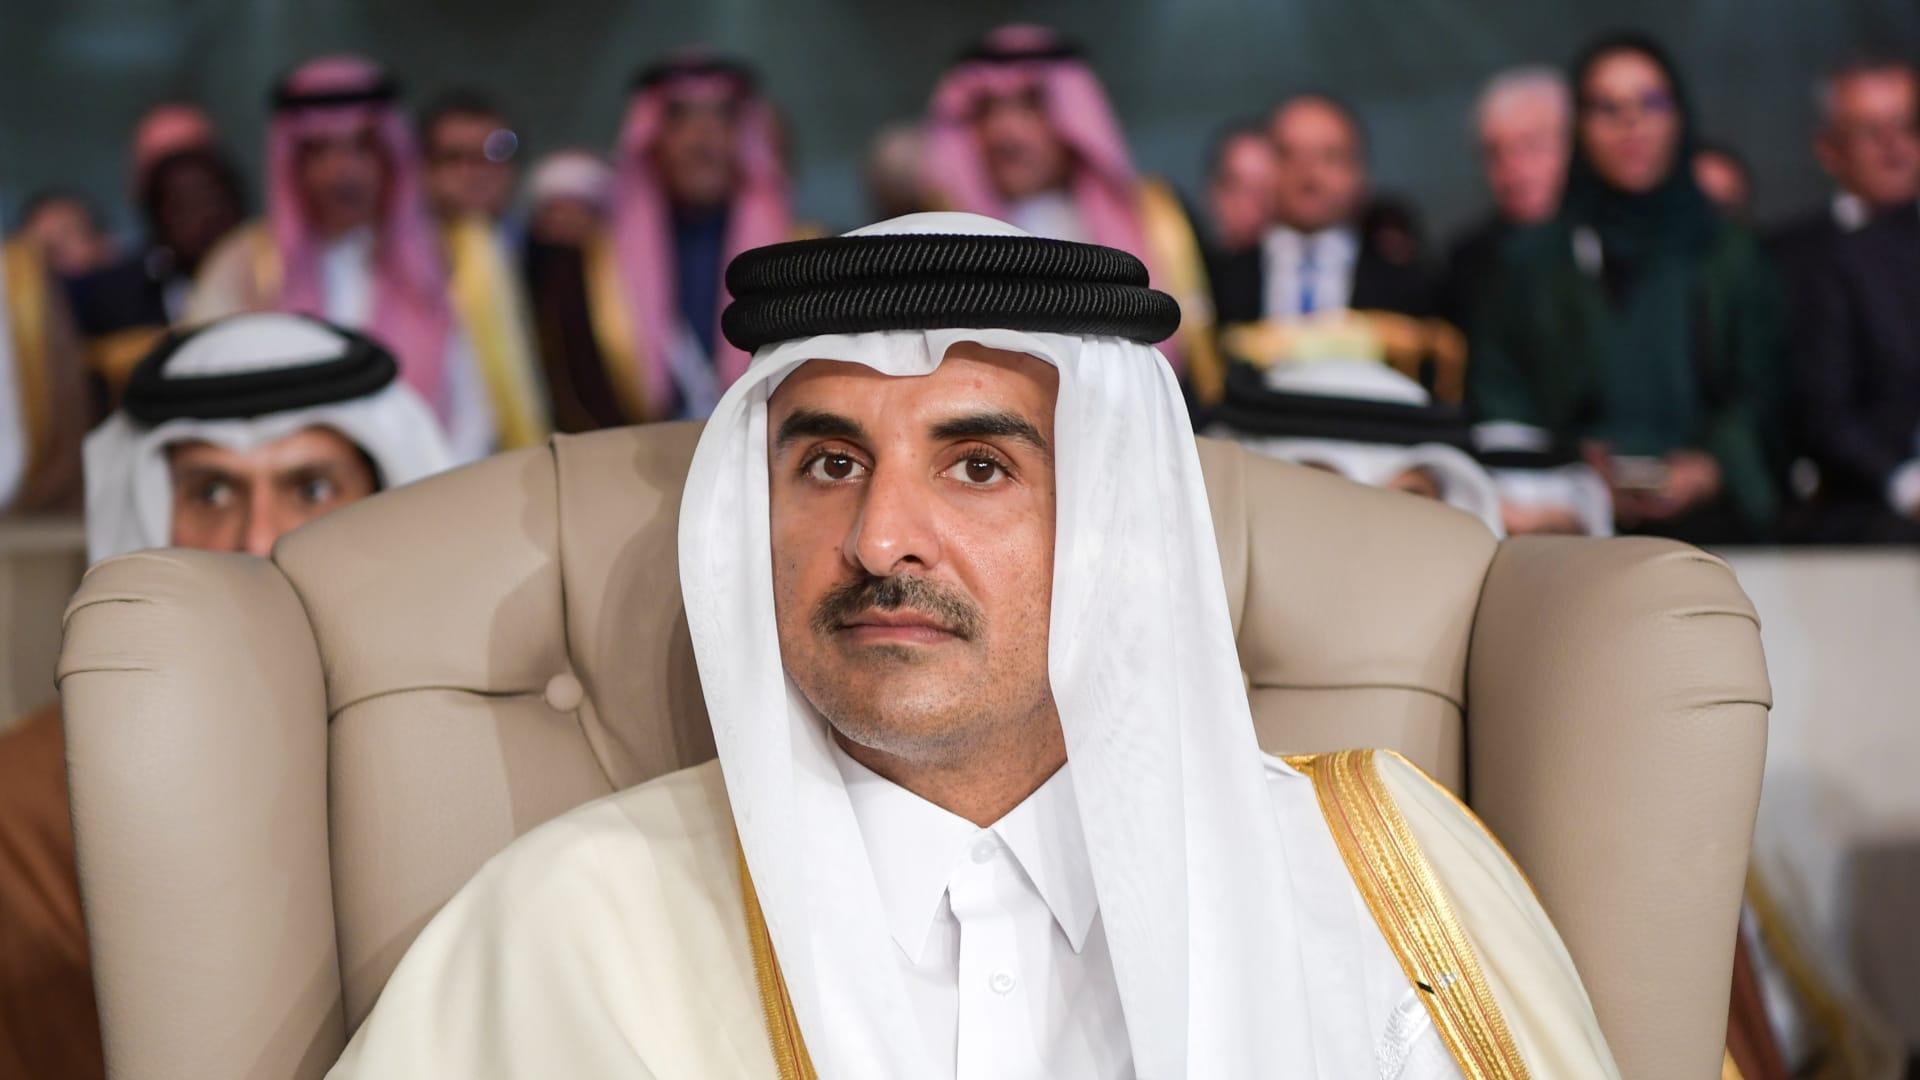 أمير قطر يحيى ذكرى مشاركة قوات بلاده في معركة تحرير الخفجي بالسعودية